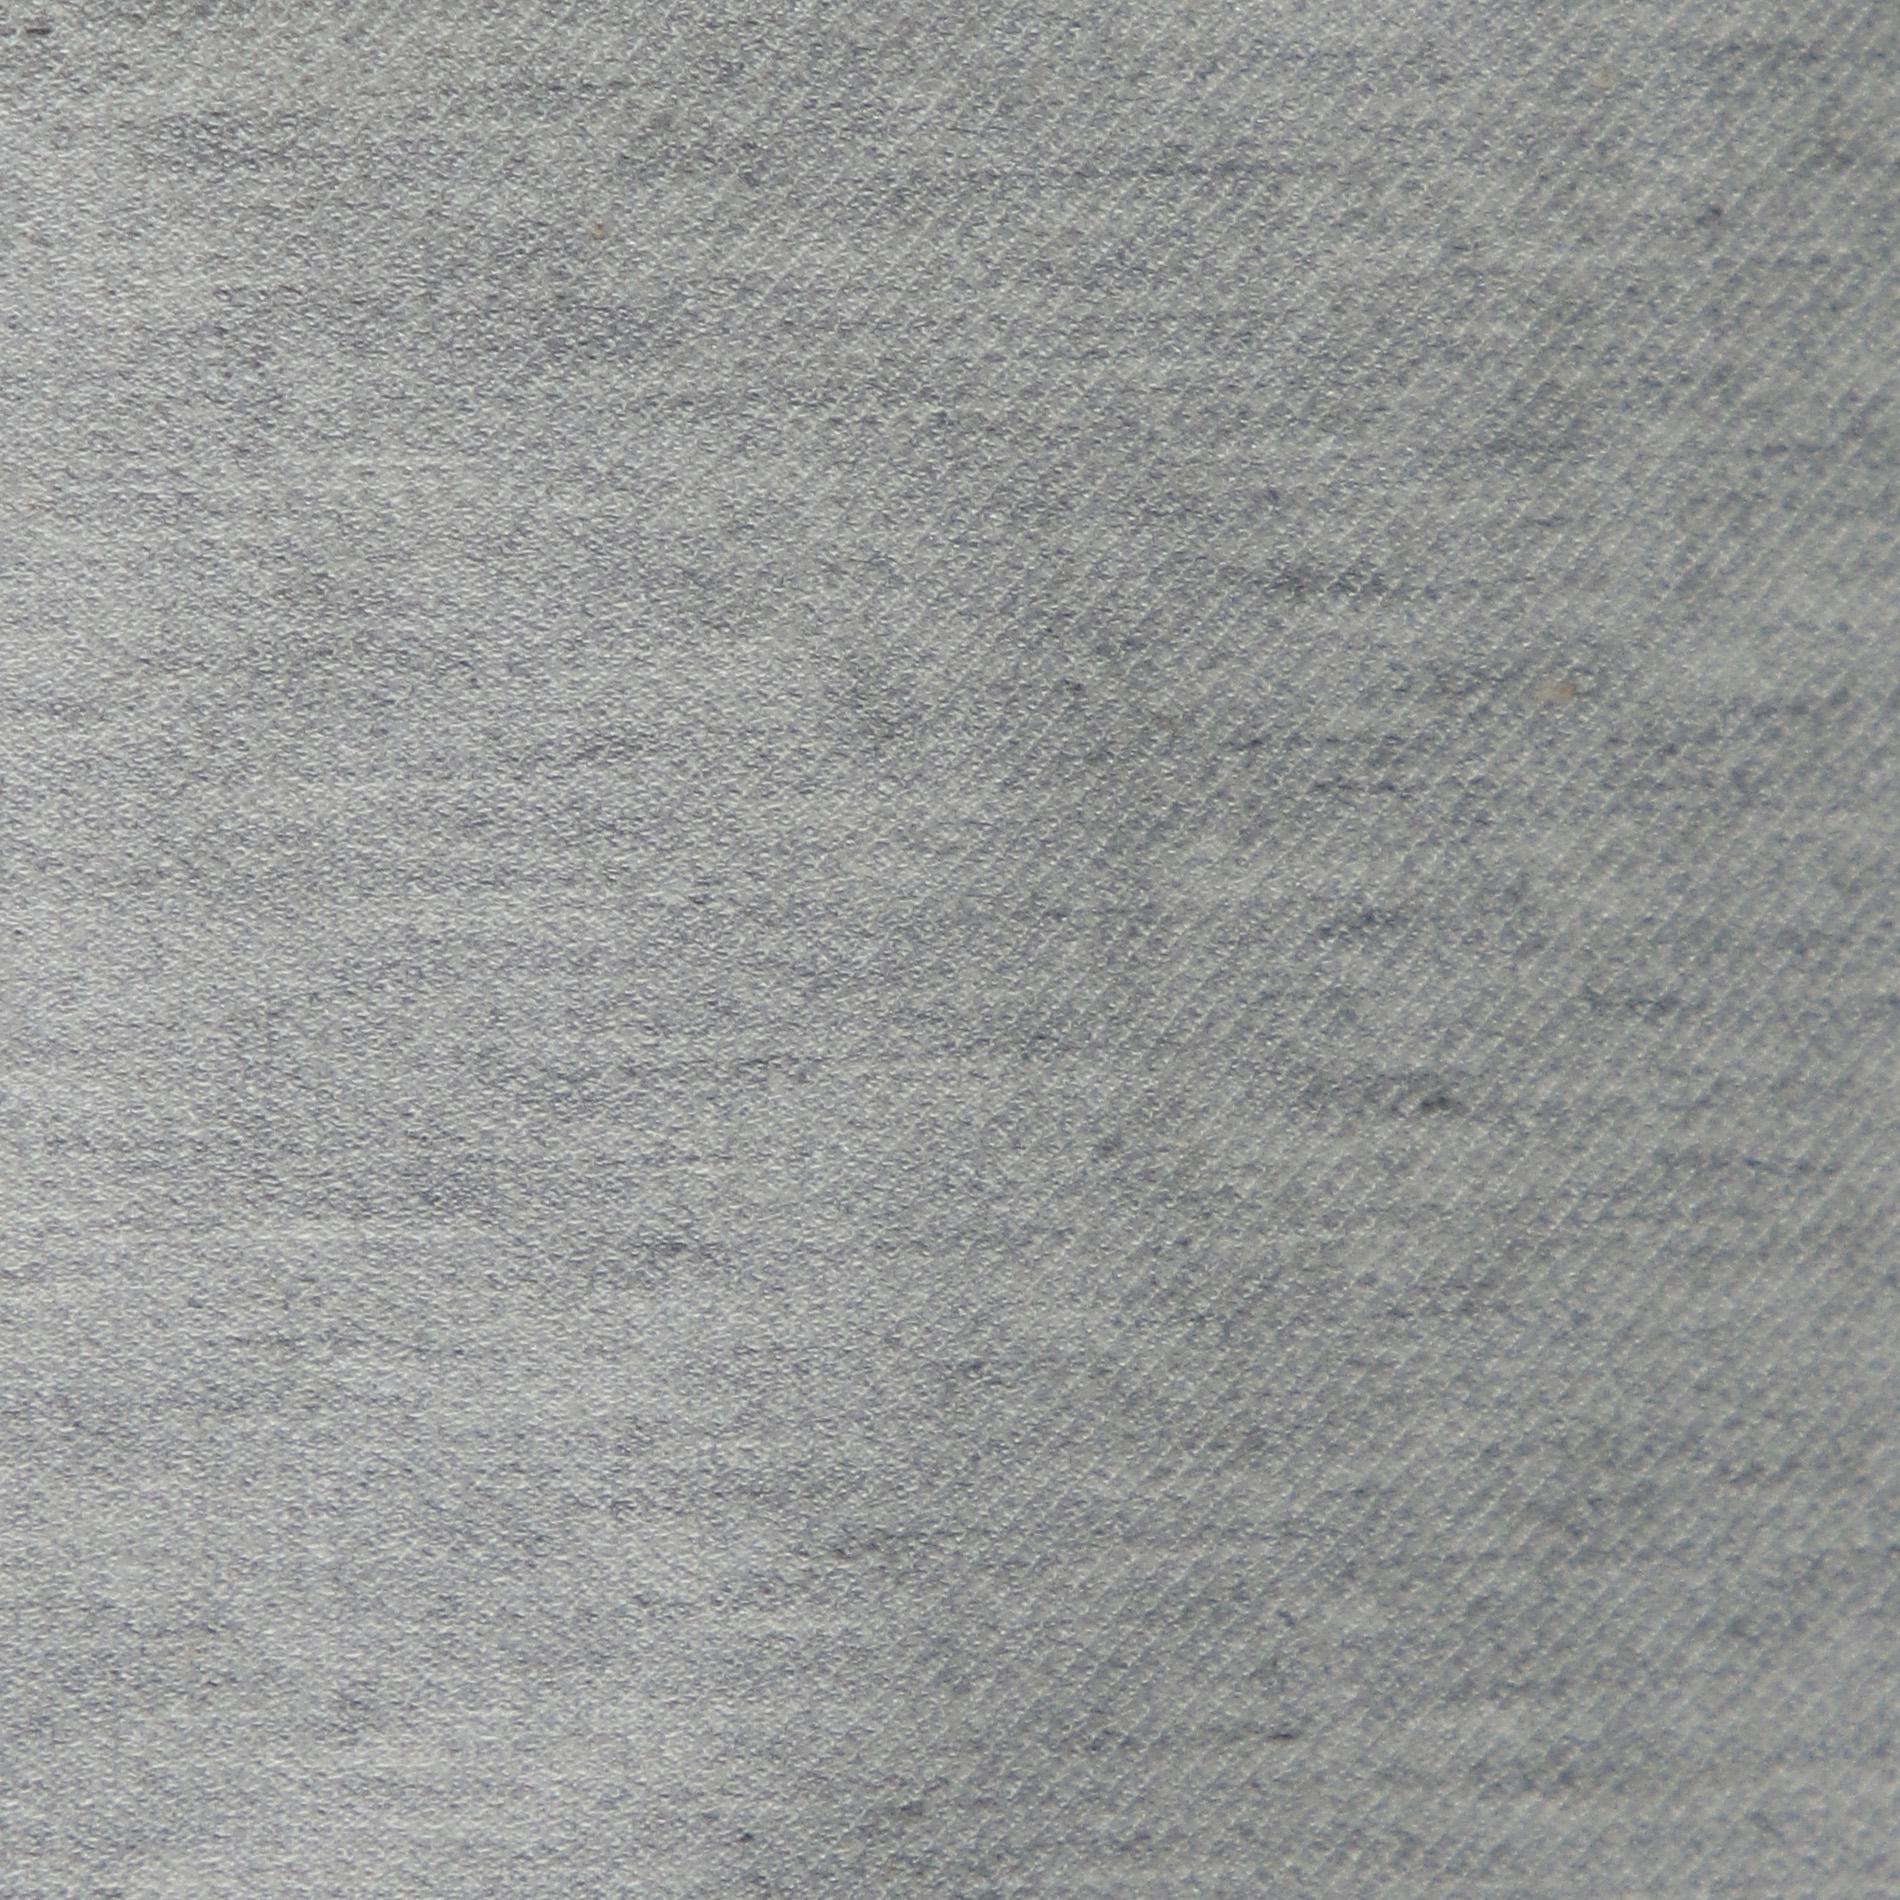 【FLEX JERSEY】メランジカルゼブルゾン